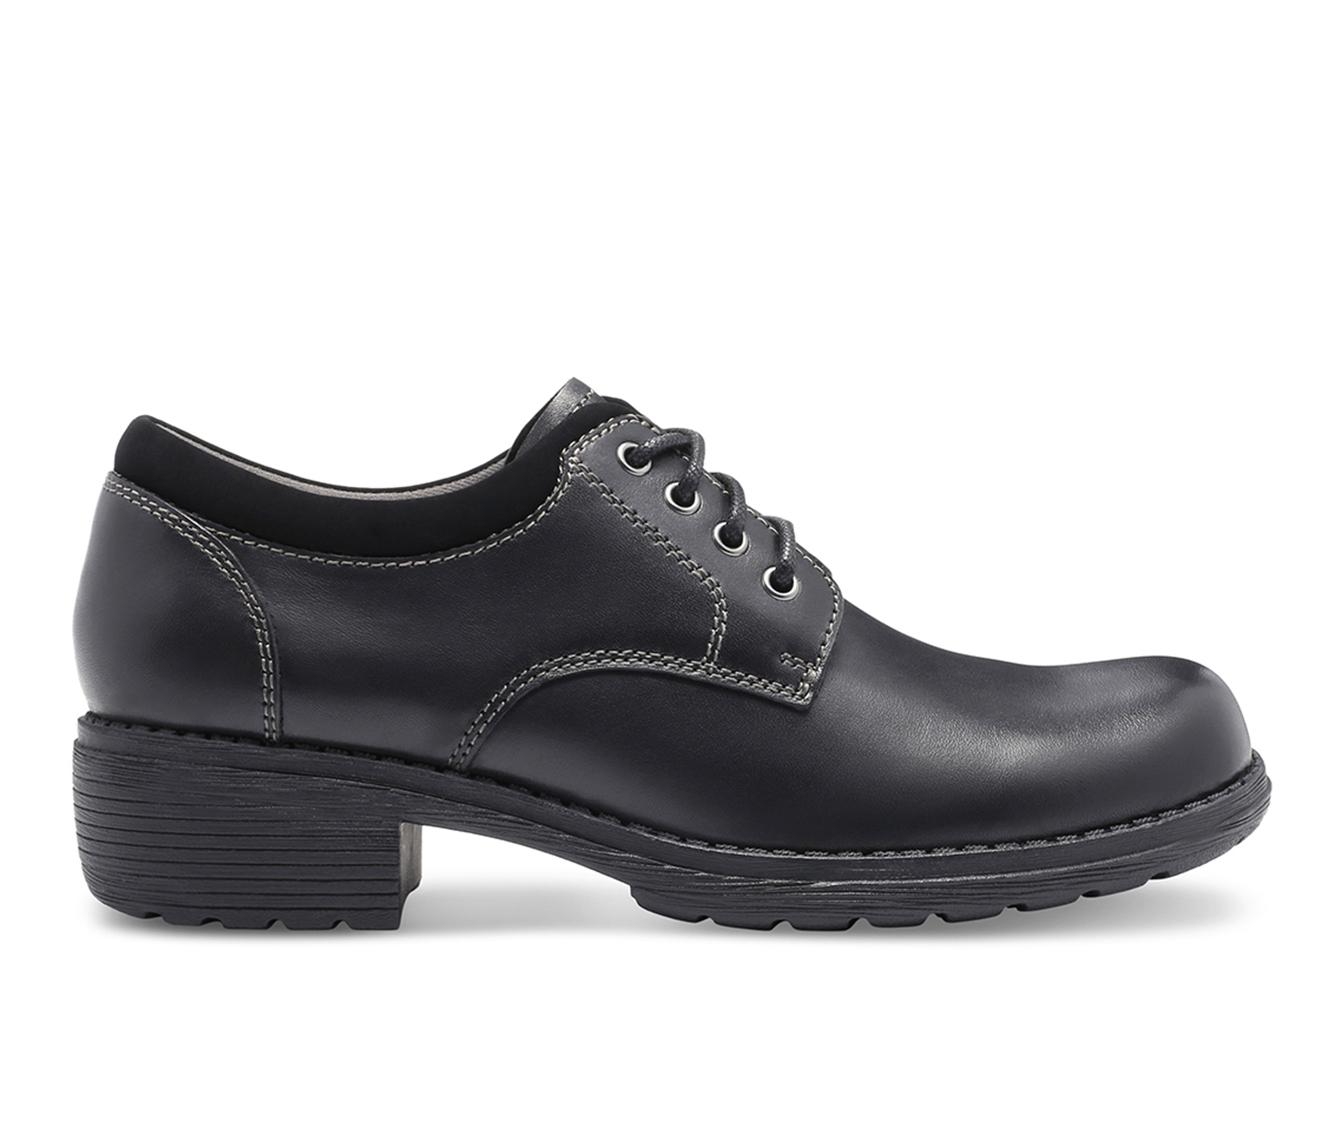 Eastland Stride Women's Shoe (Black Leather)